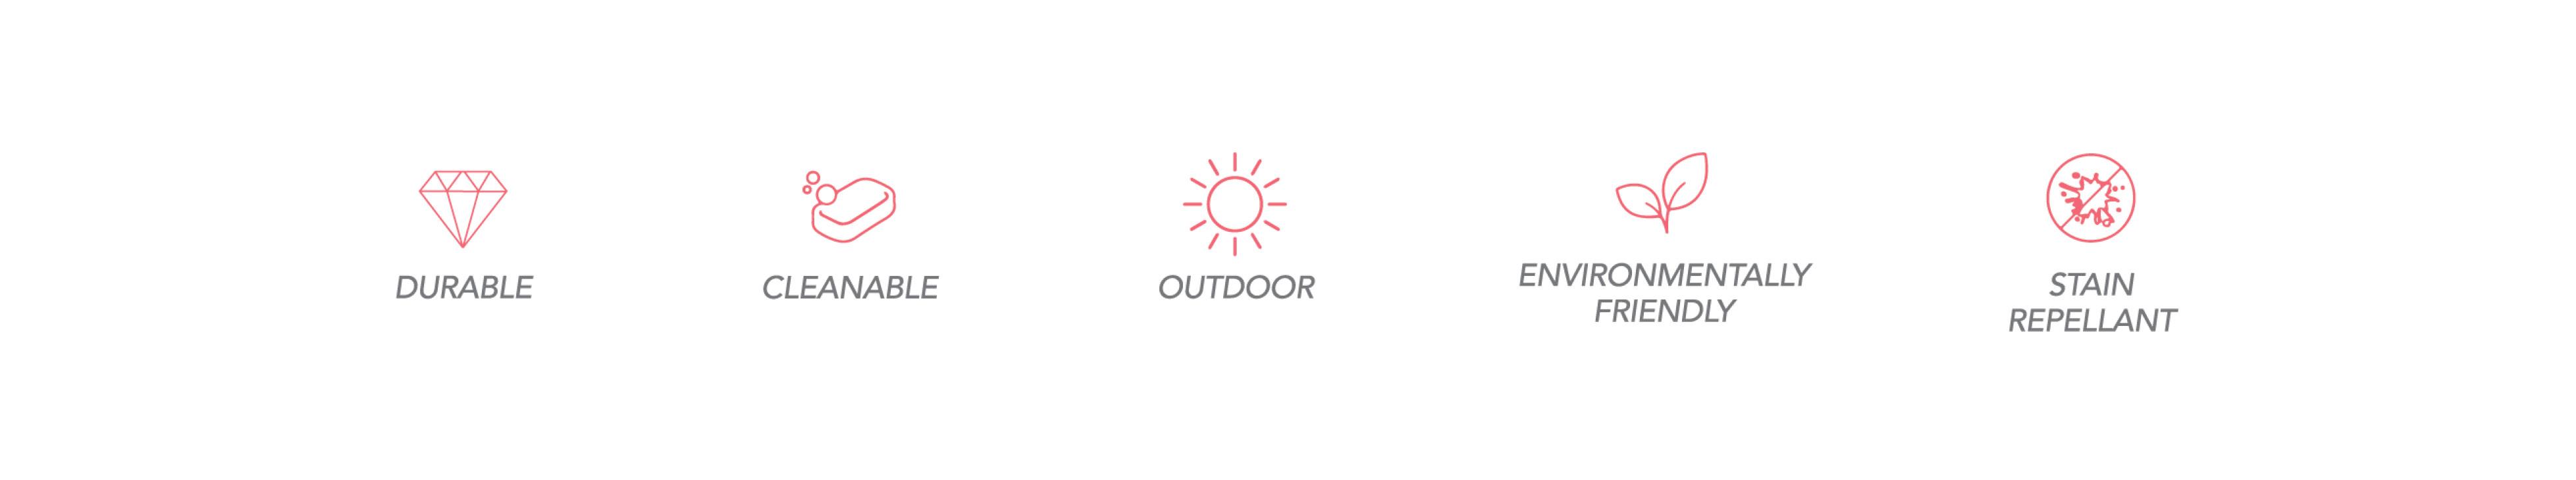 Jaclyn_Indoor-Outdoor_Icons